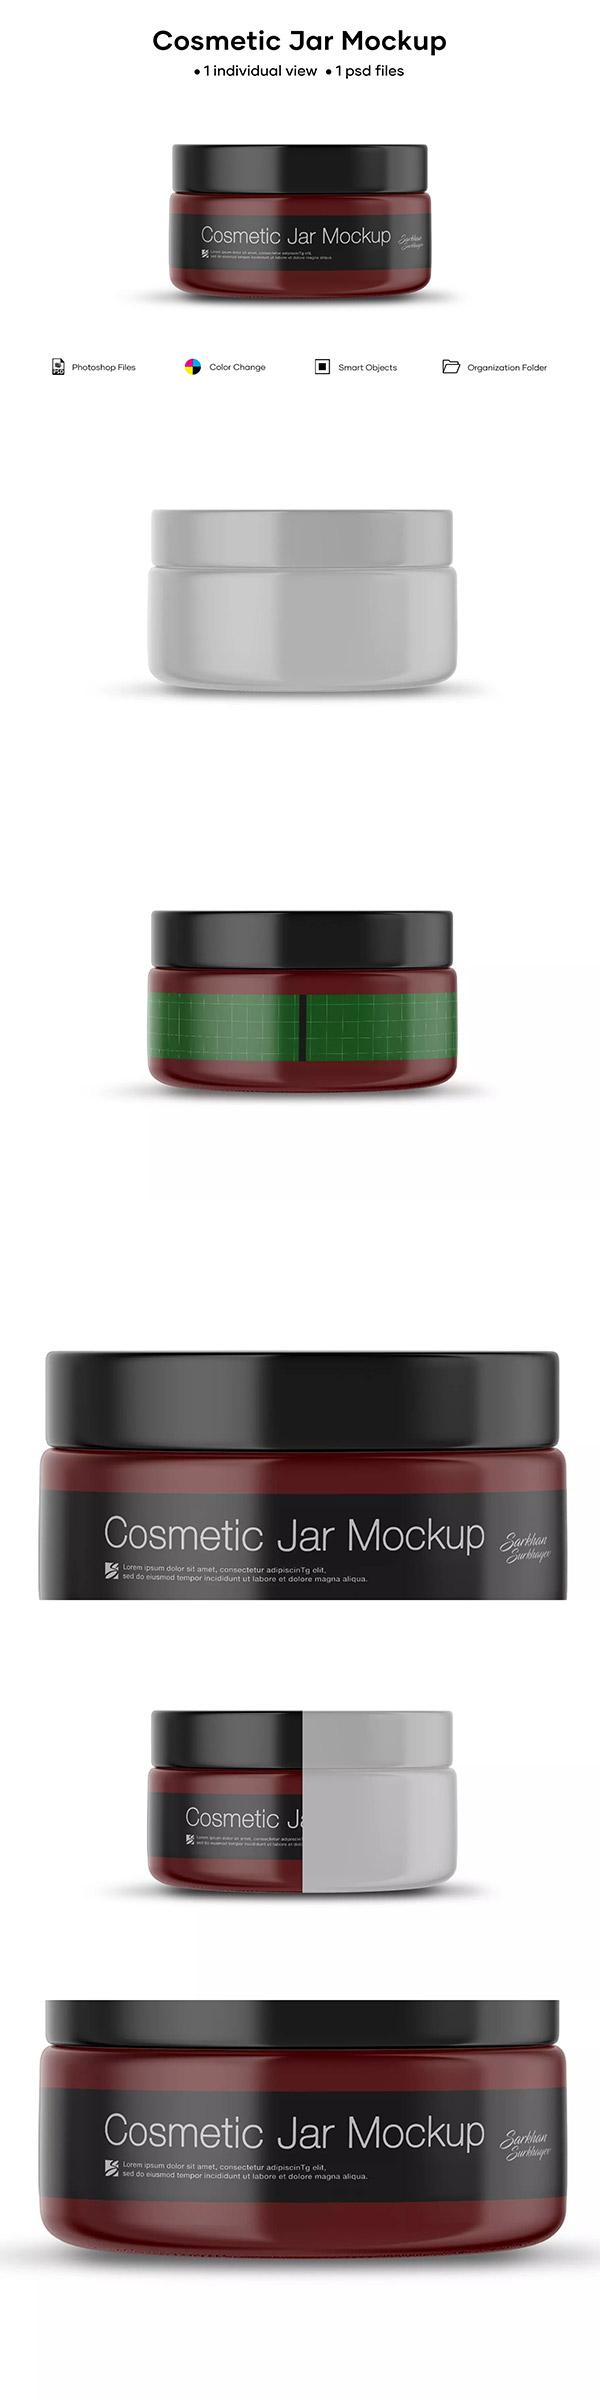 化妆品罐子样机